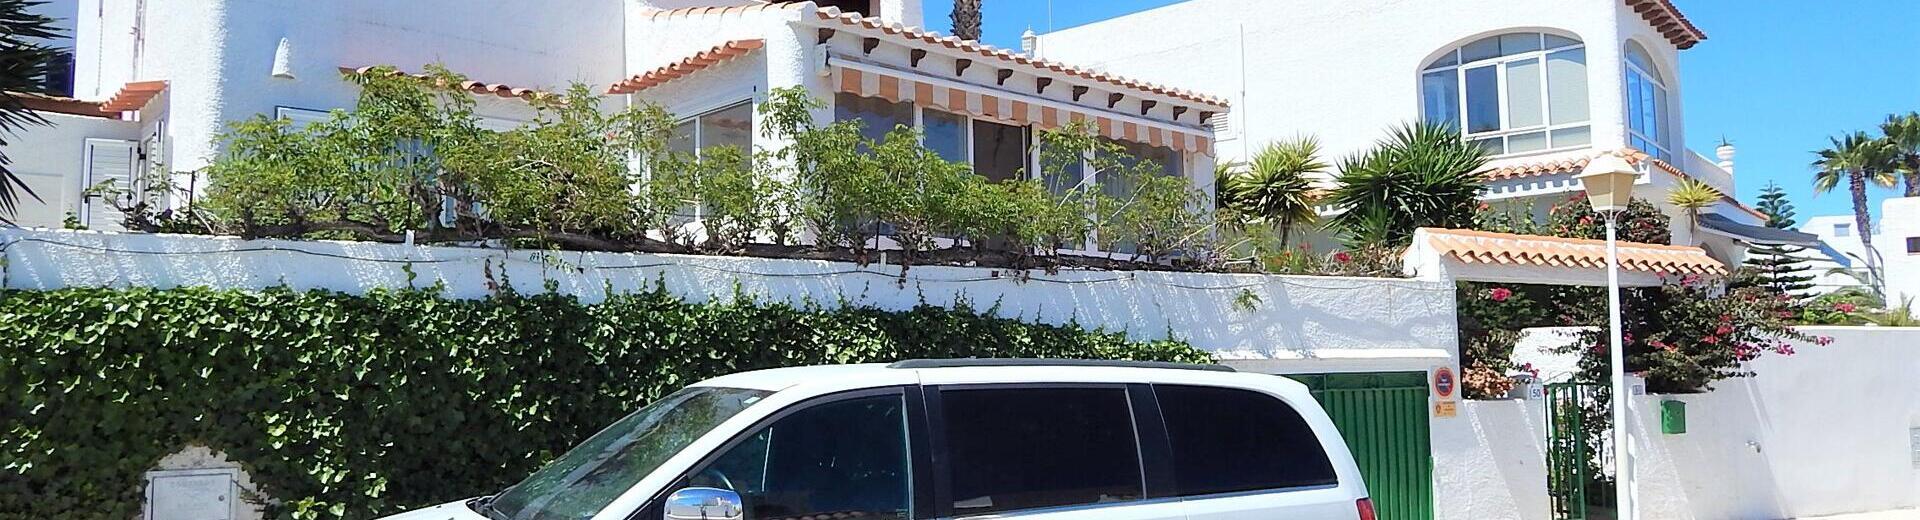 VIP7725: Villa zu Verkaufen